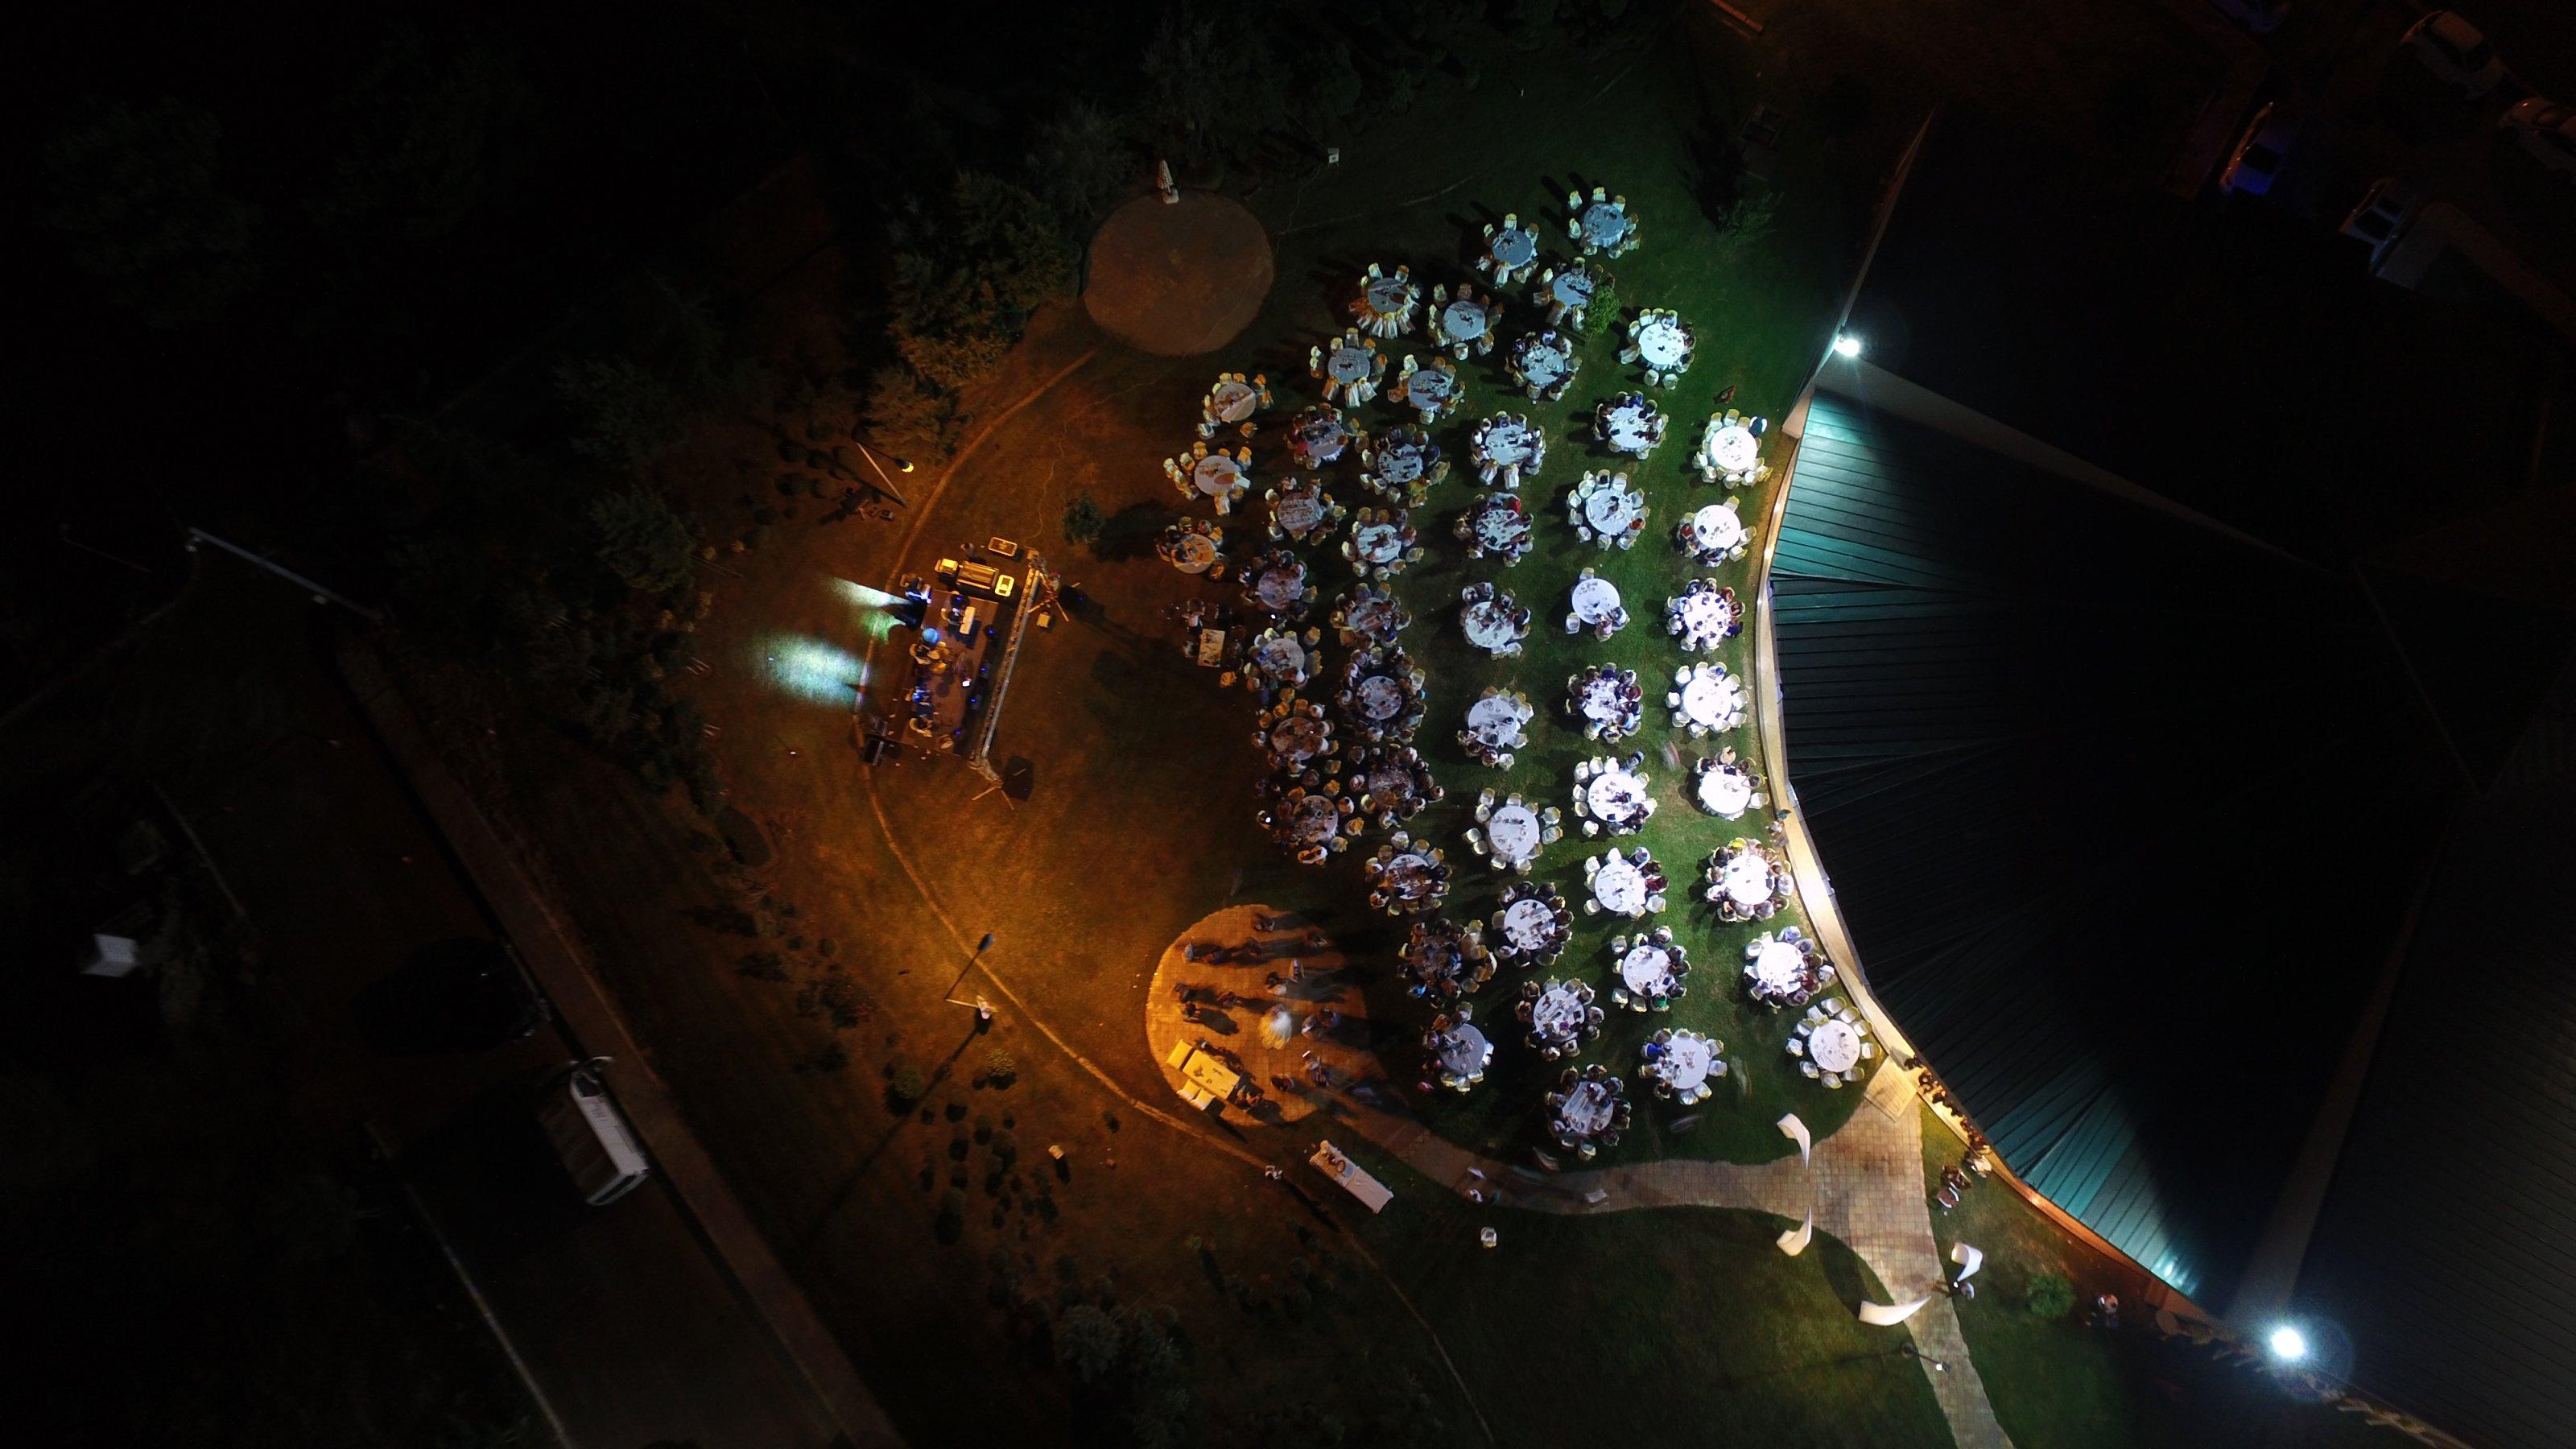 çerkezköy düğün çekimi - DJI 0011 e1587478163535 - Çerkezköy Düğün Çekimi